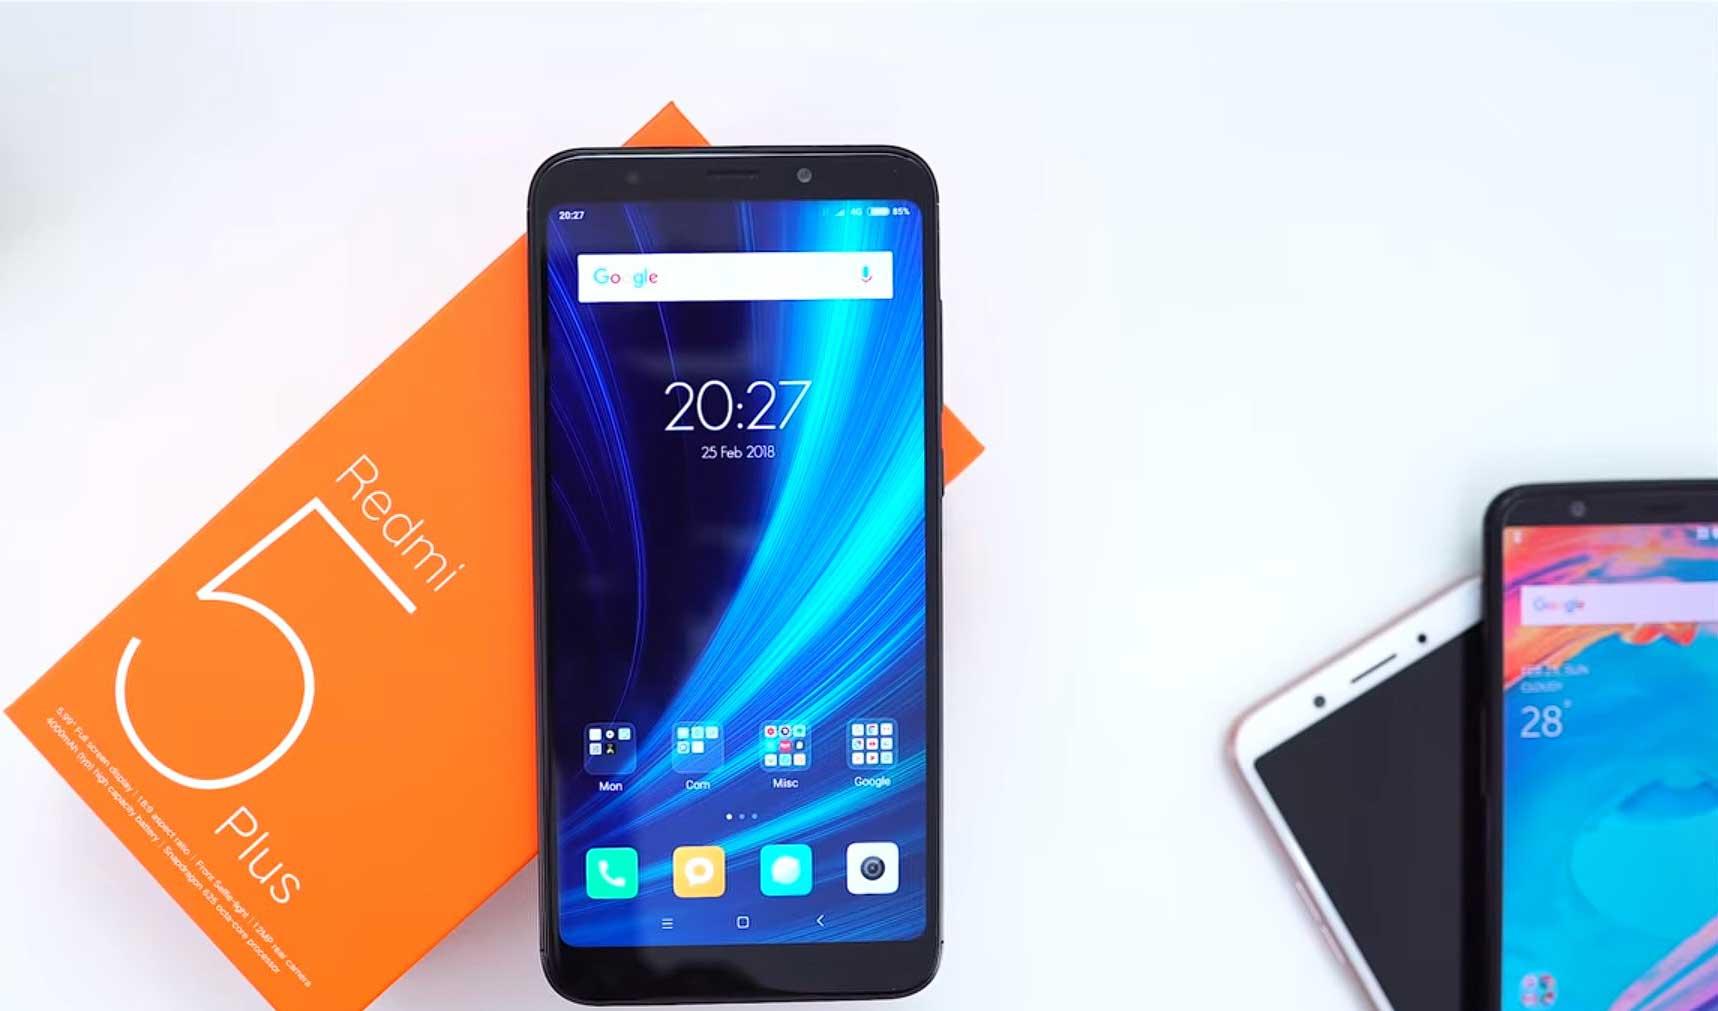 Xiaomi Redmi 5 Plus - Xiaomi Di Bawah 2 Jutaan